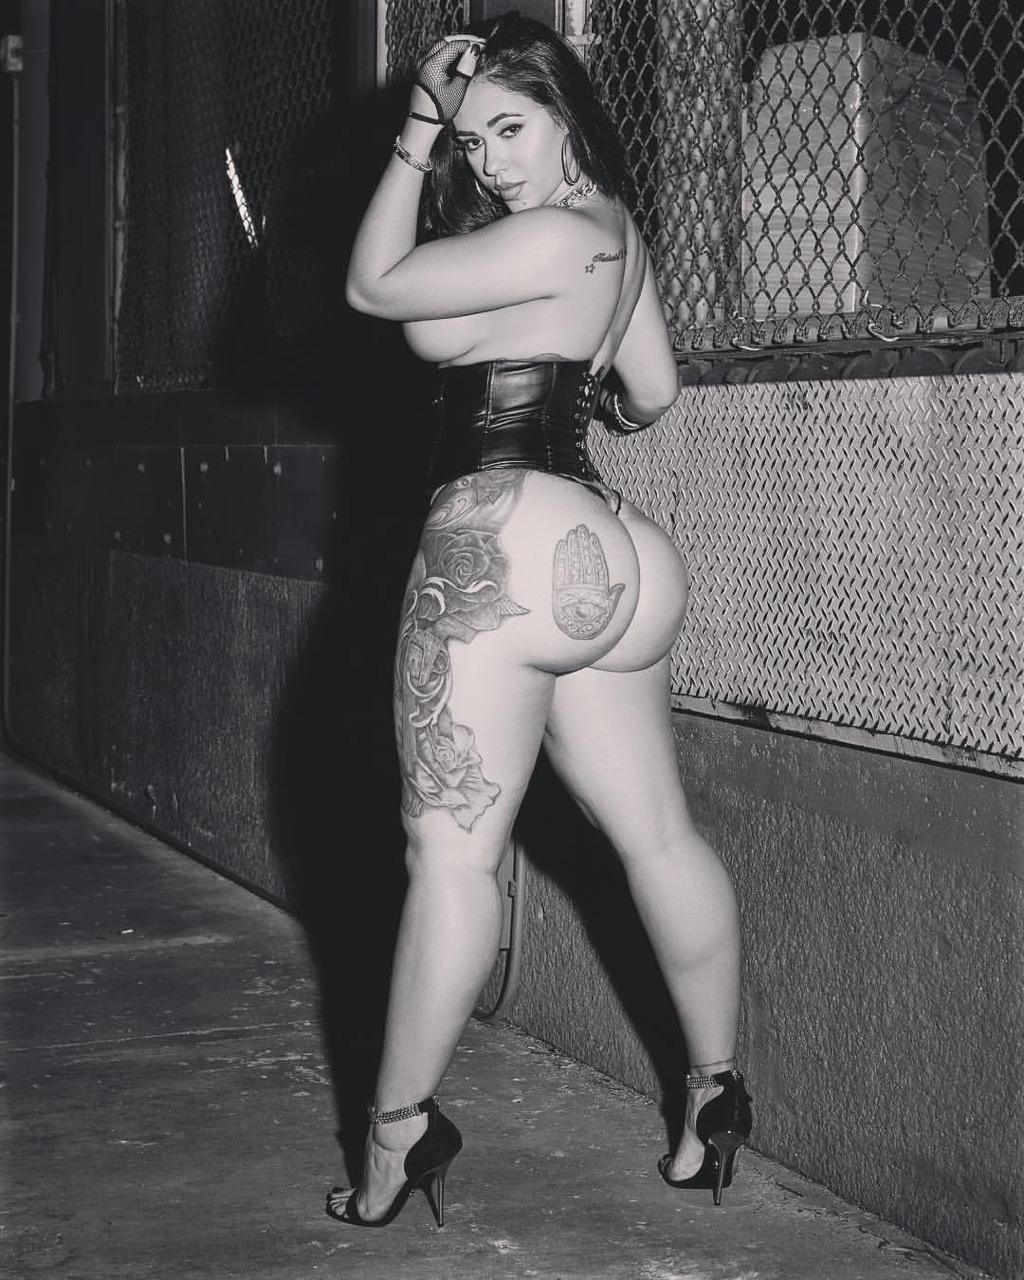 Черно белый снимок элегантной сучки с большой попкой